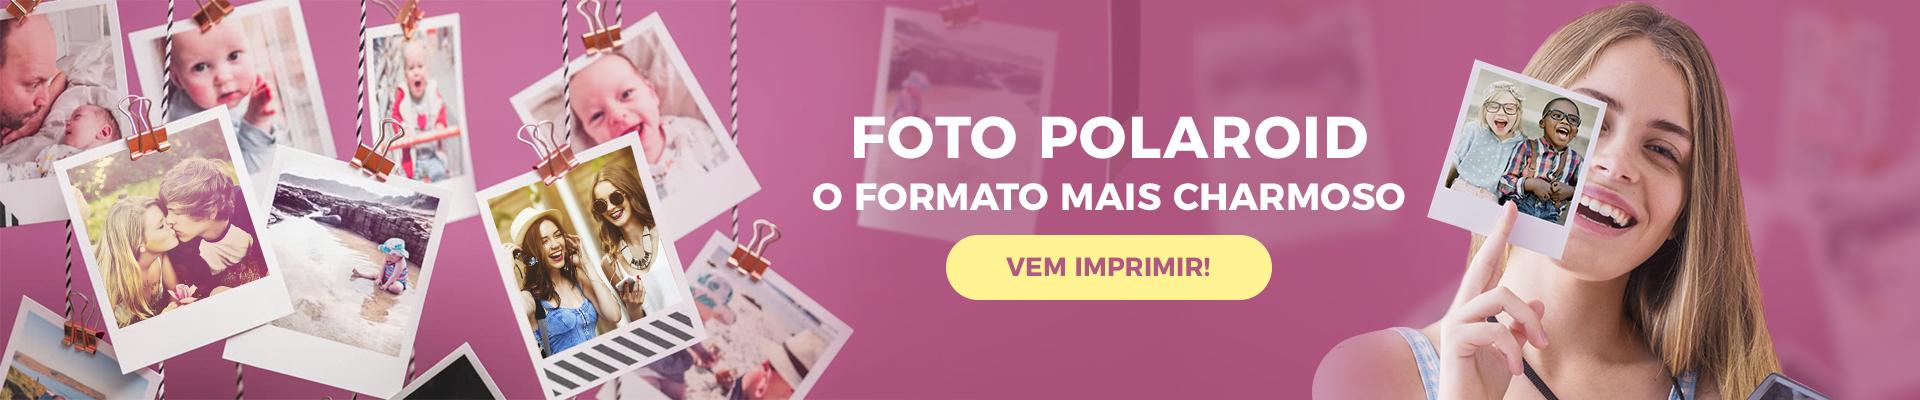 foto polaroid